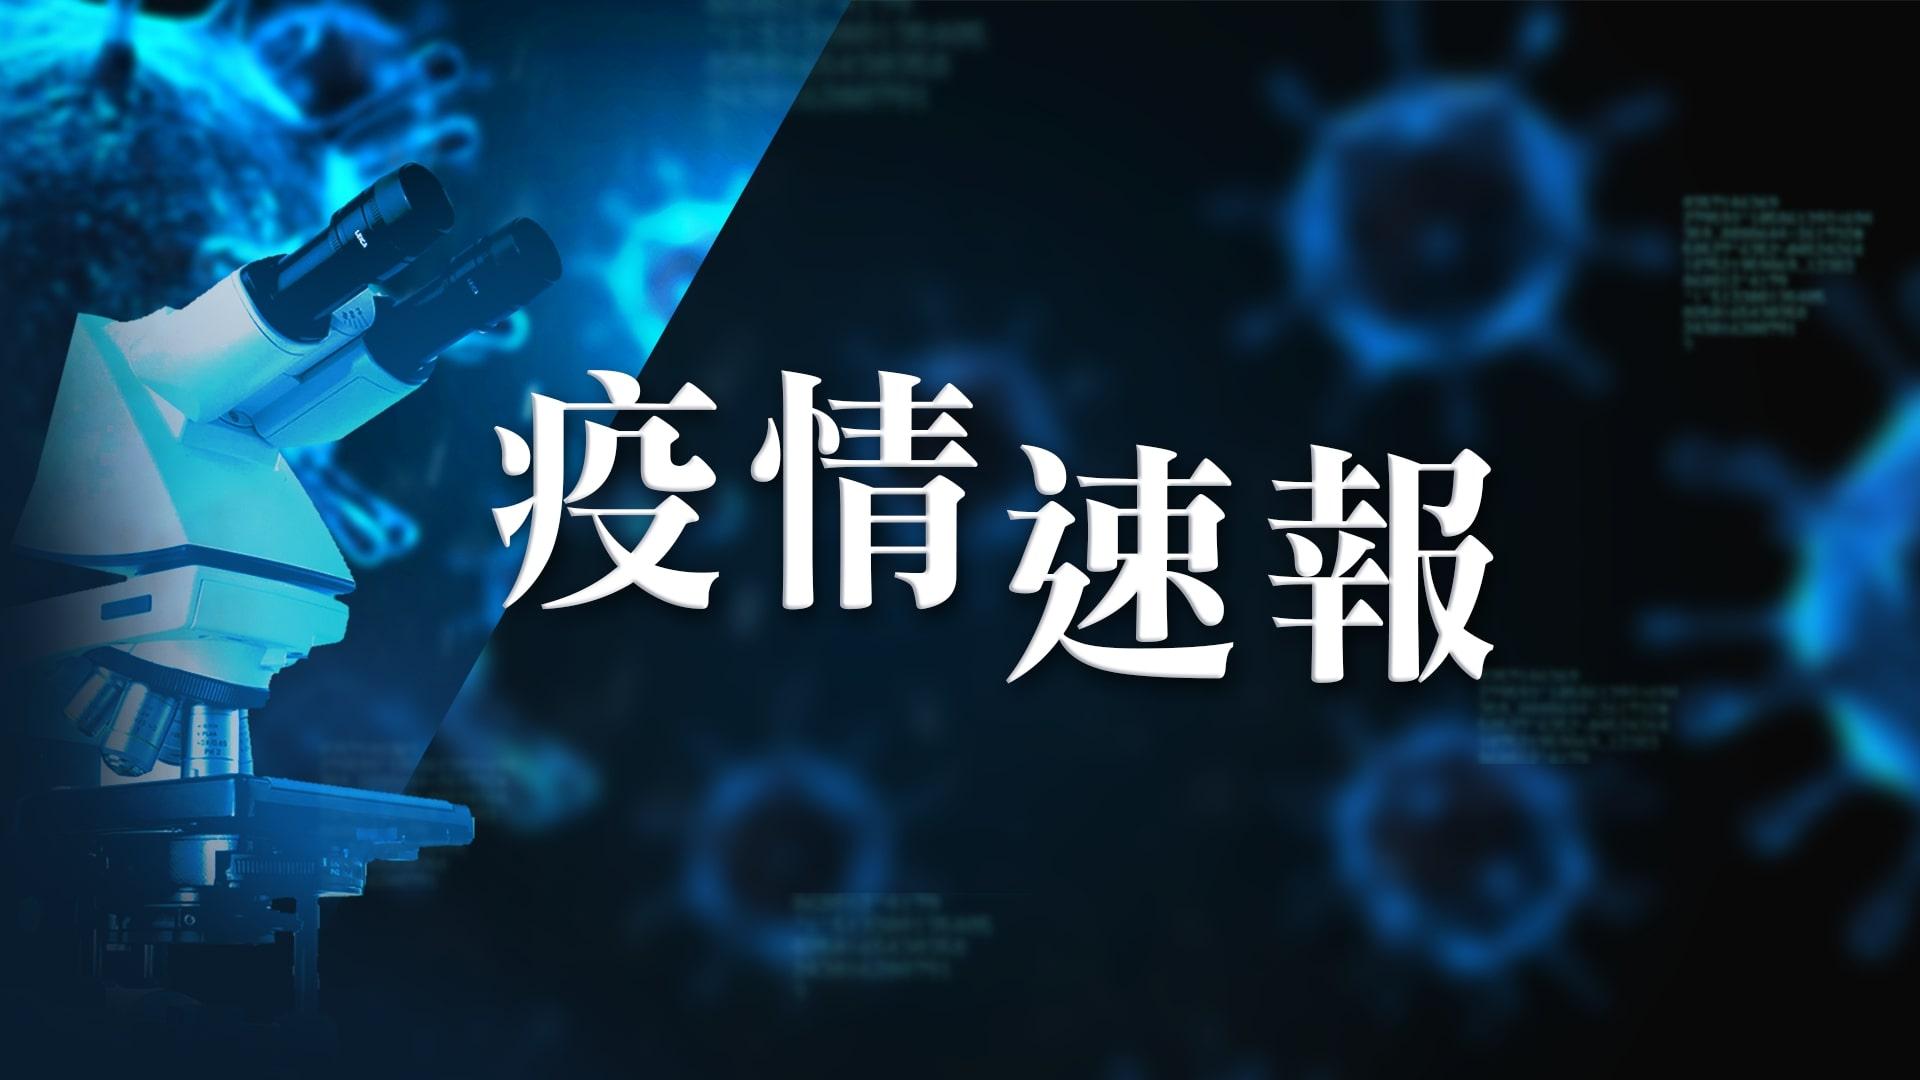 【10月27日疫情速報】(23:00)